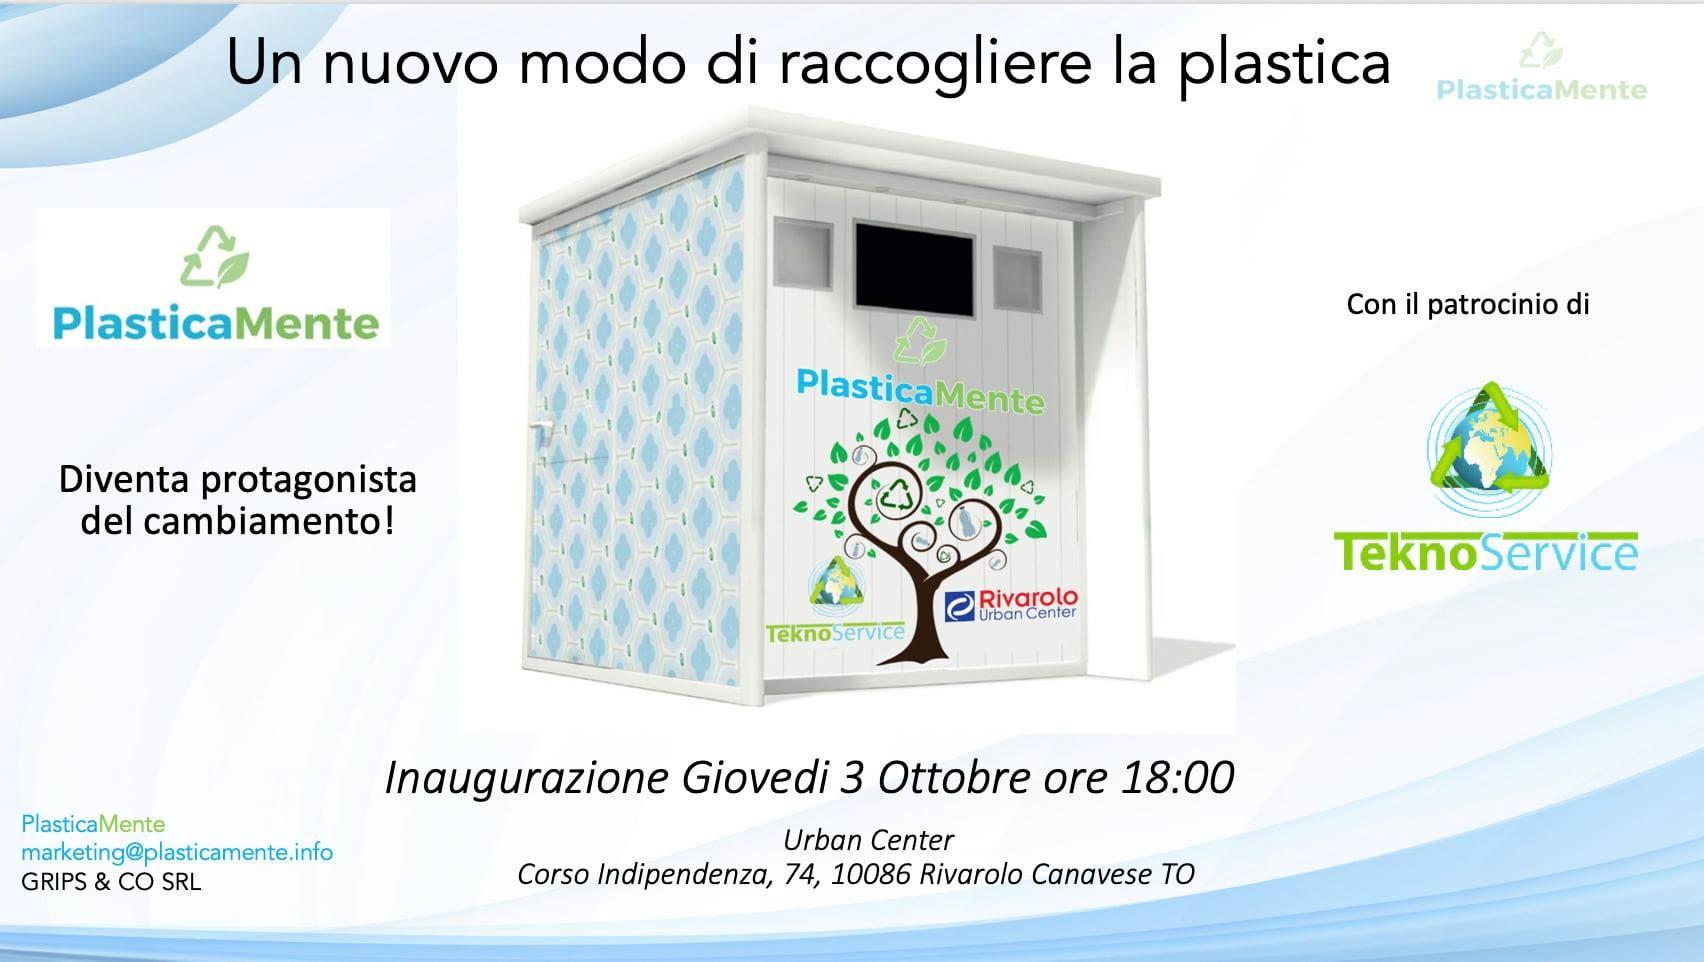 RIVAROLO - Il primo eco-compattatore della plastica all'Urban Center